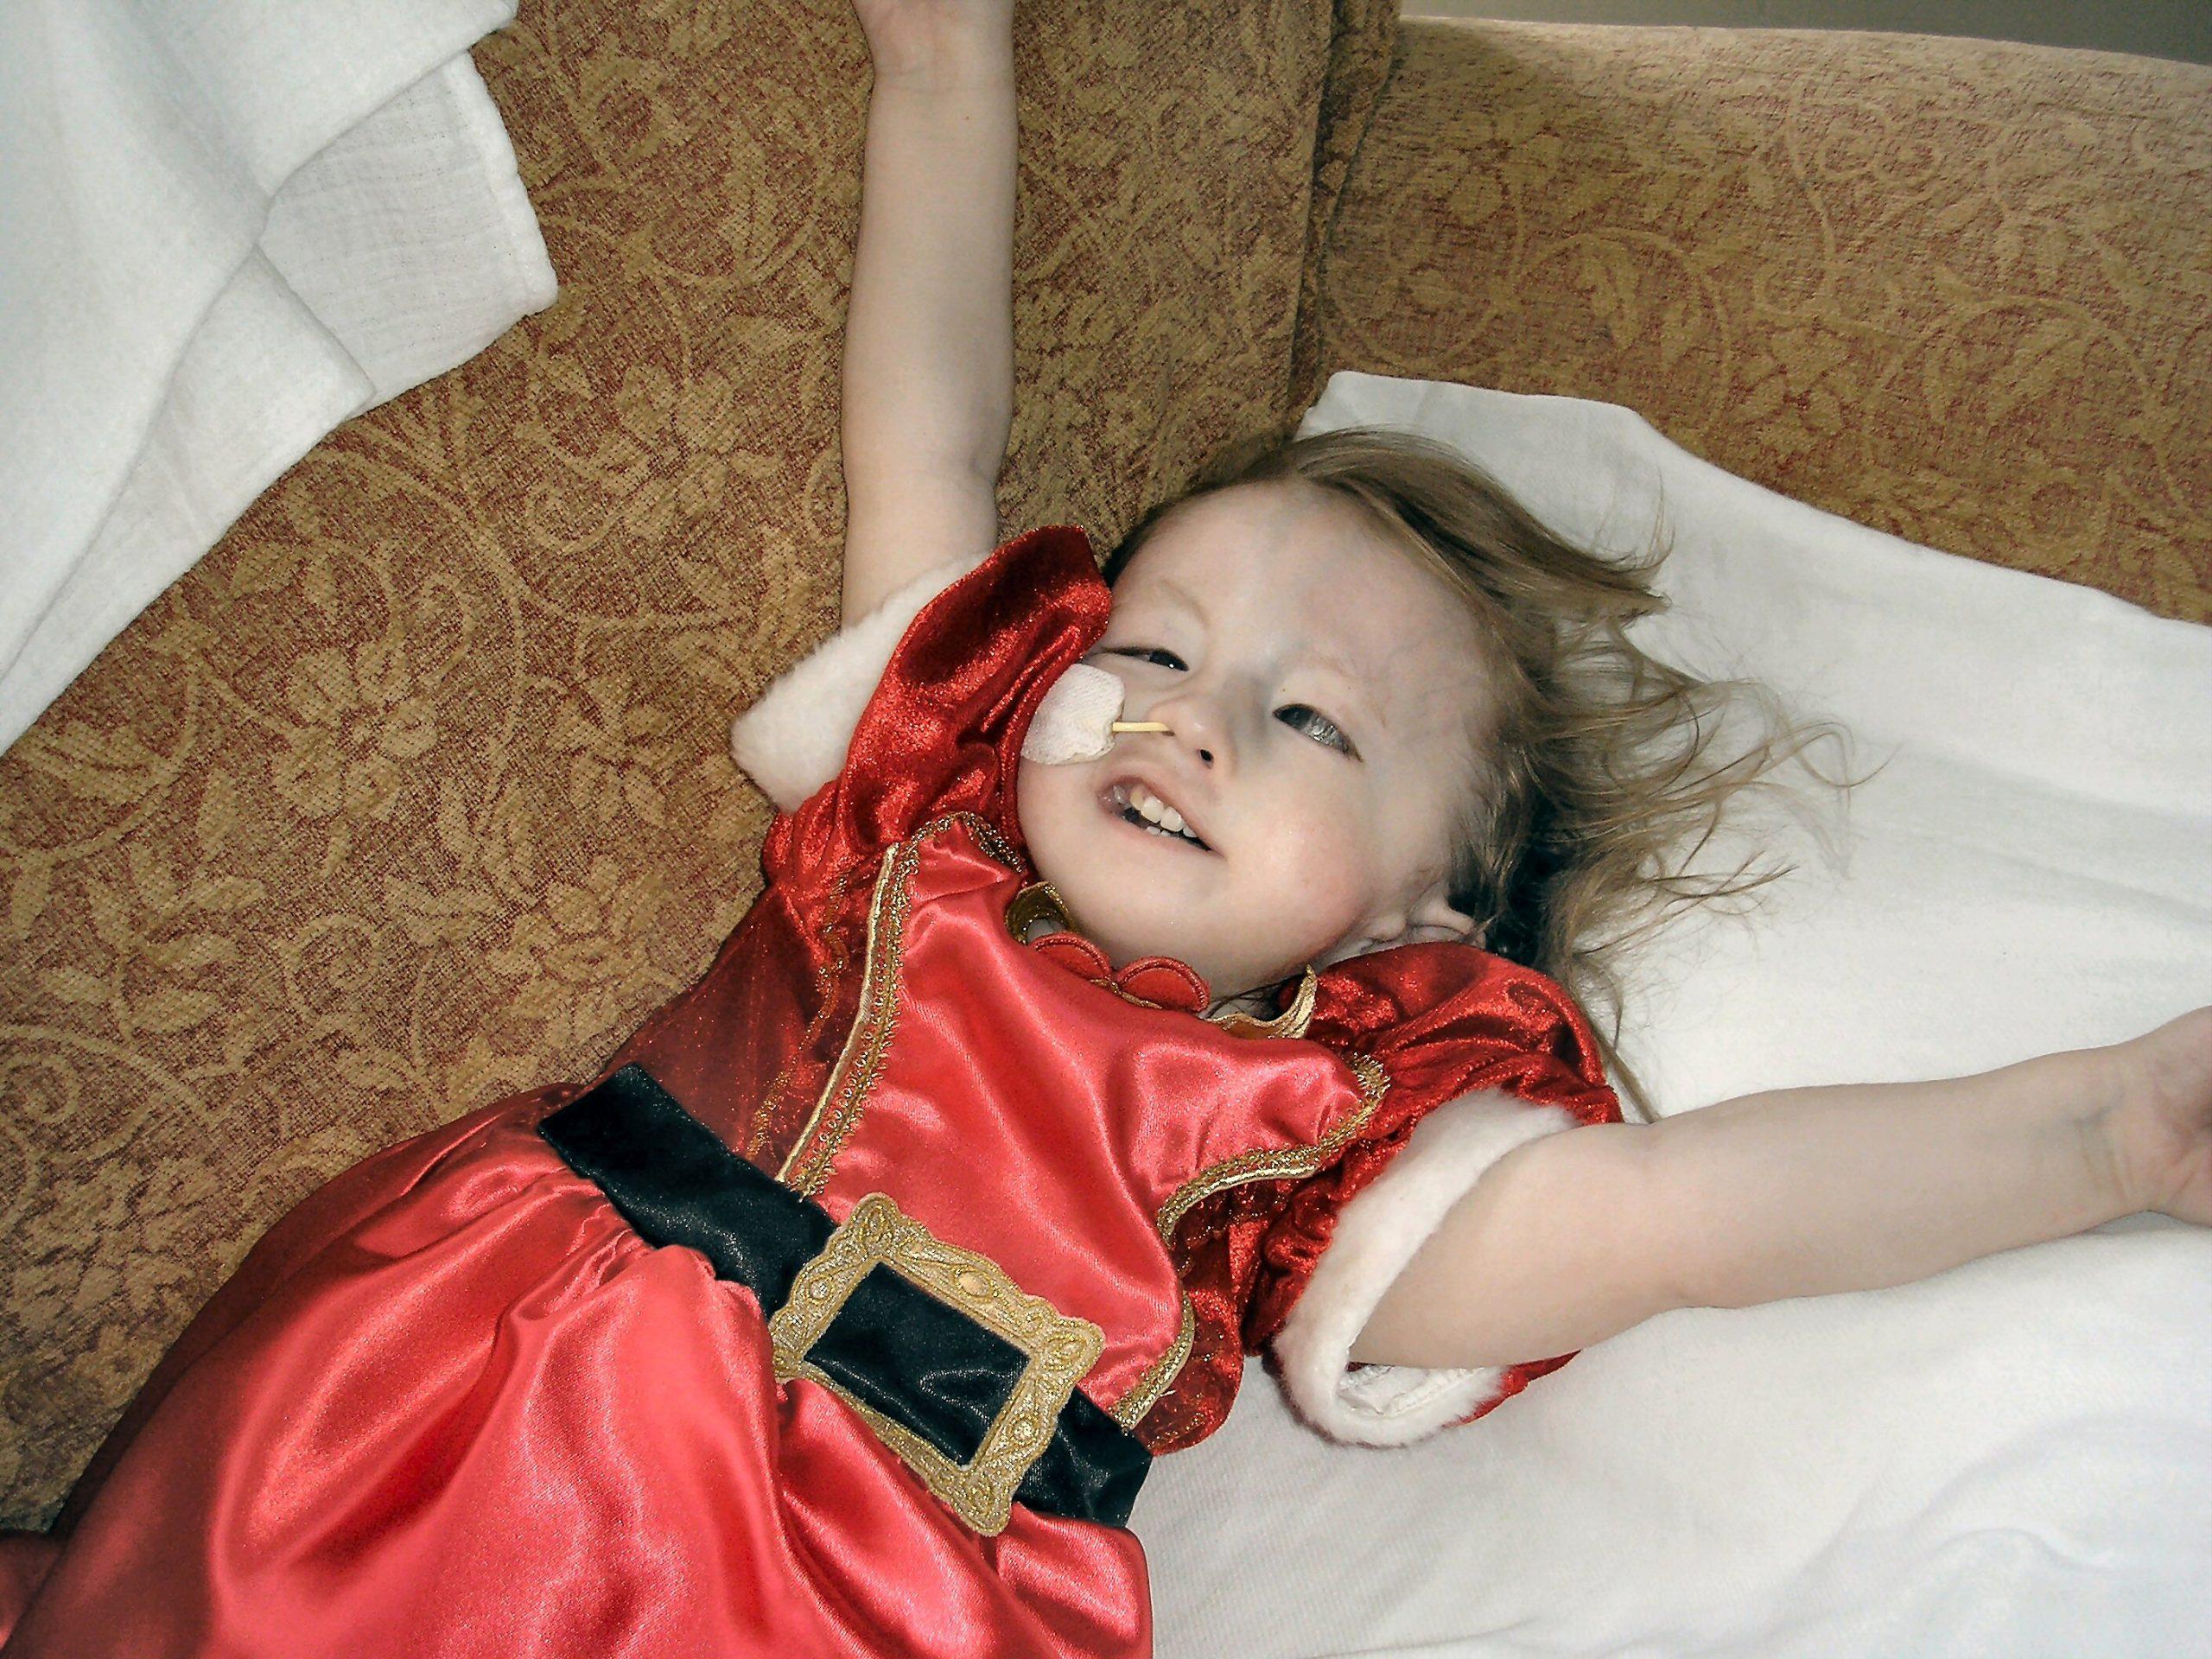 سندرم داون (تریزونی 21) ، سندرم ادوارد (تریزومی 18)، و سندرم پاتو(تریزومی 13) رایج ترین اشکال تریزومی هستند. کودکان مبتلا به تریزومی معمولاً دارای طیف وسیعی از ناهنجاری های هنگام تولد، از جمله تأخیر در رشد و اختلالات ذهنی هستند.